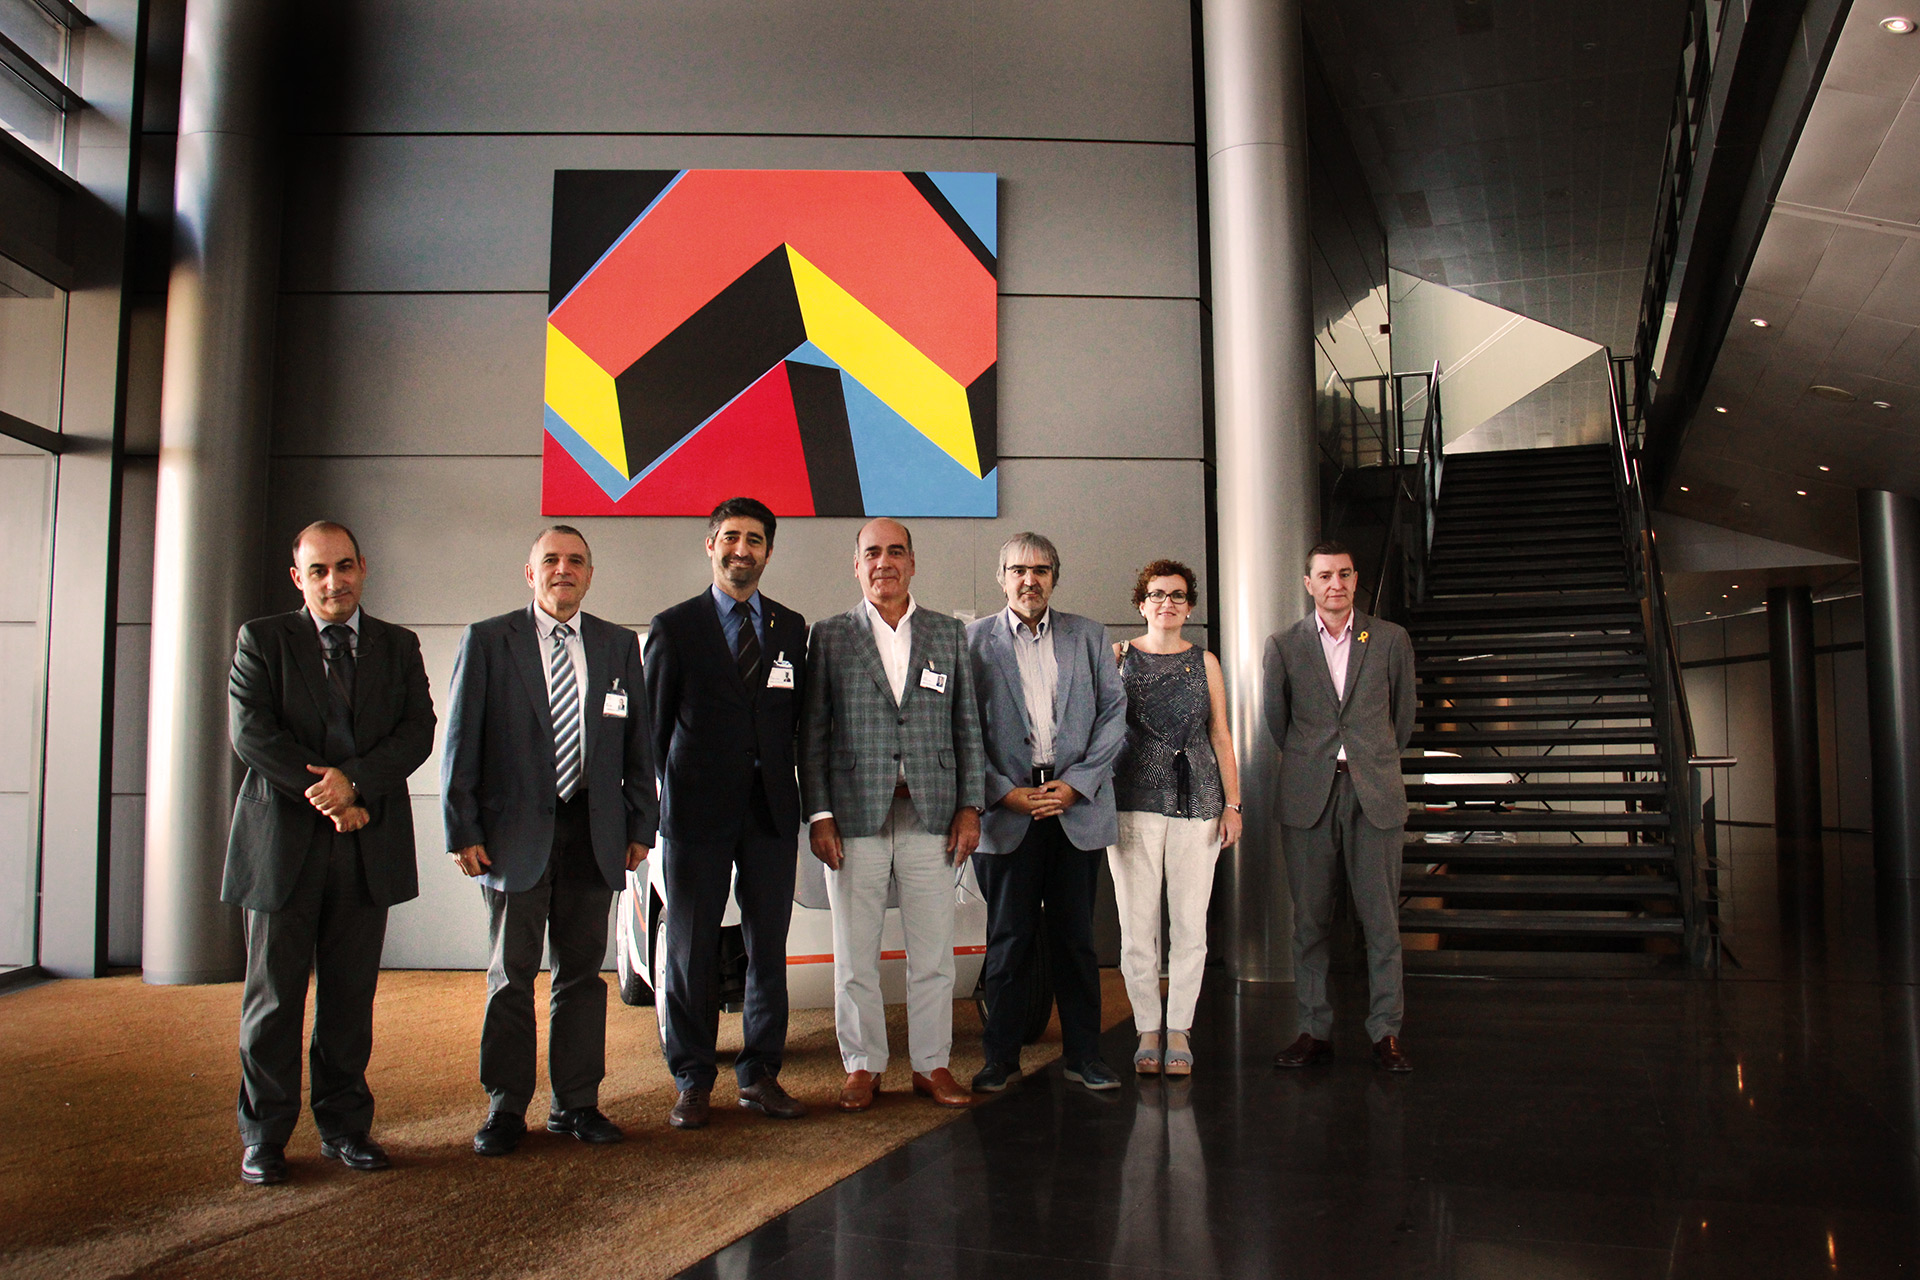 El Conseller de Polítiques Digitals i Administració ha visitat Idiada acompanyat pels alcaldes de la Mancomunitat de l'Albornar